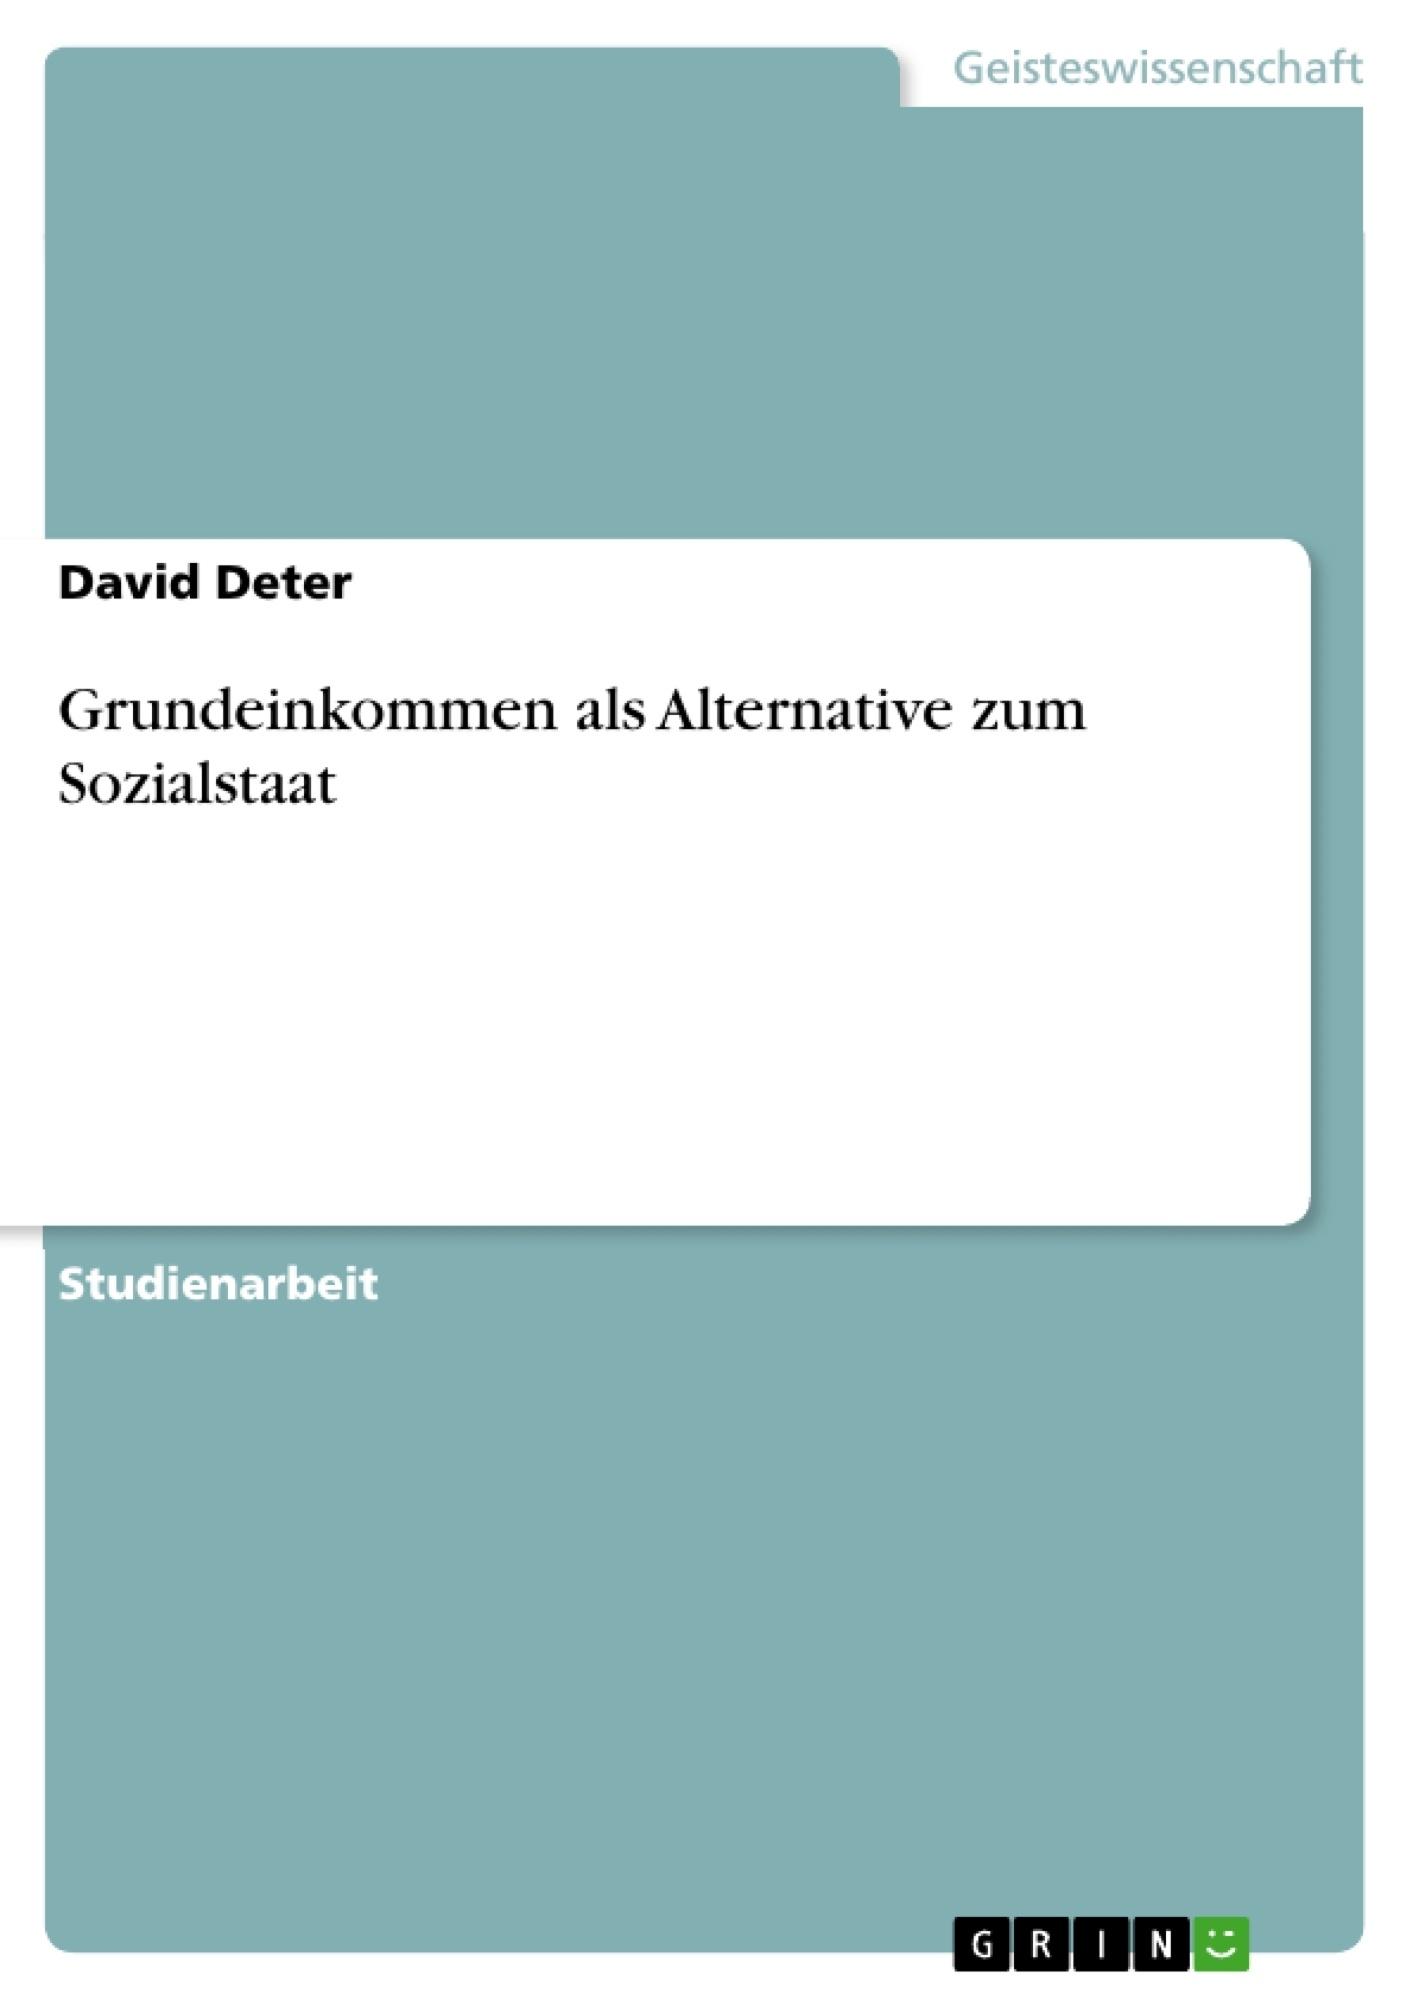 Titel: Grundeinkommen als Alternative zum Sozialstaat